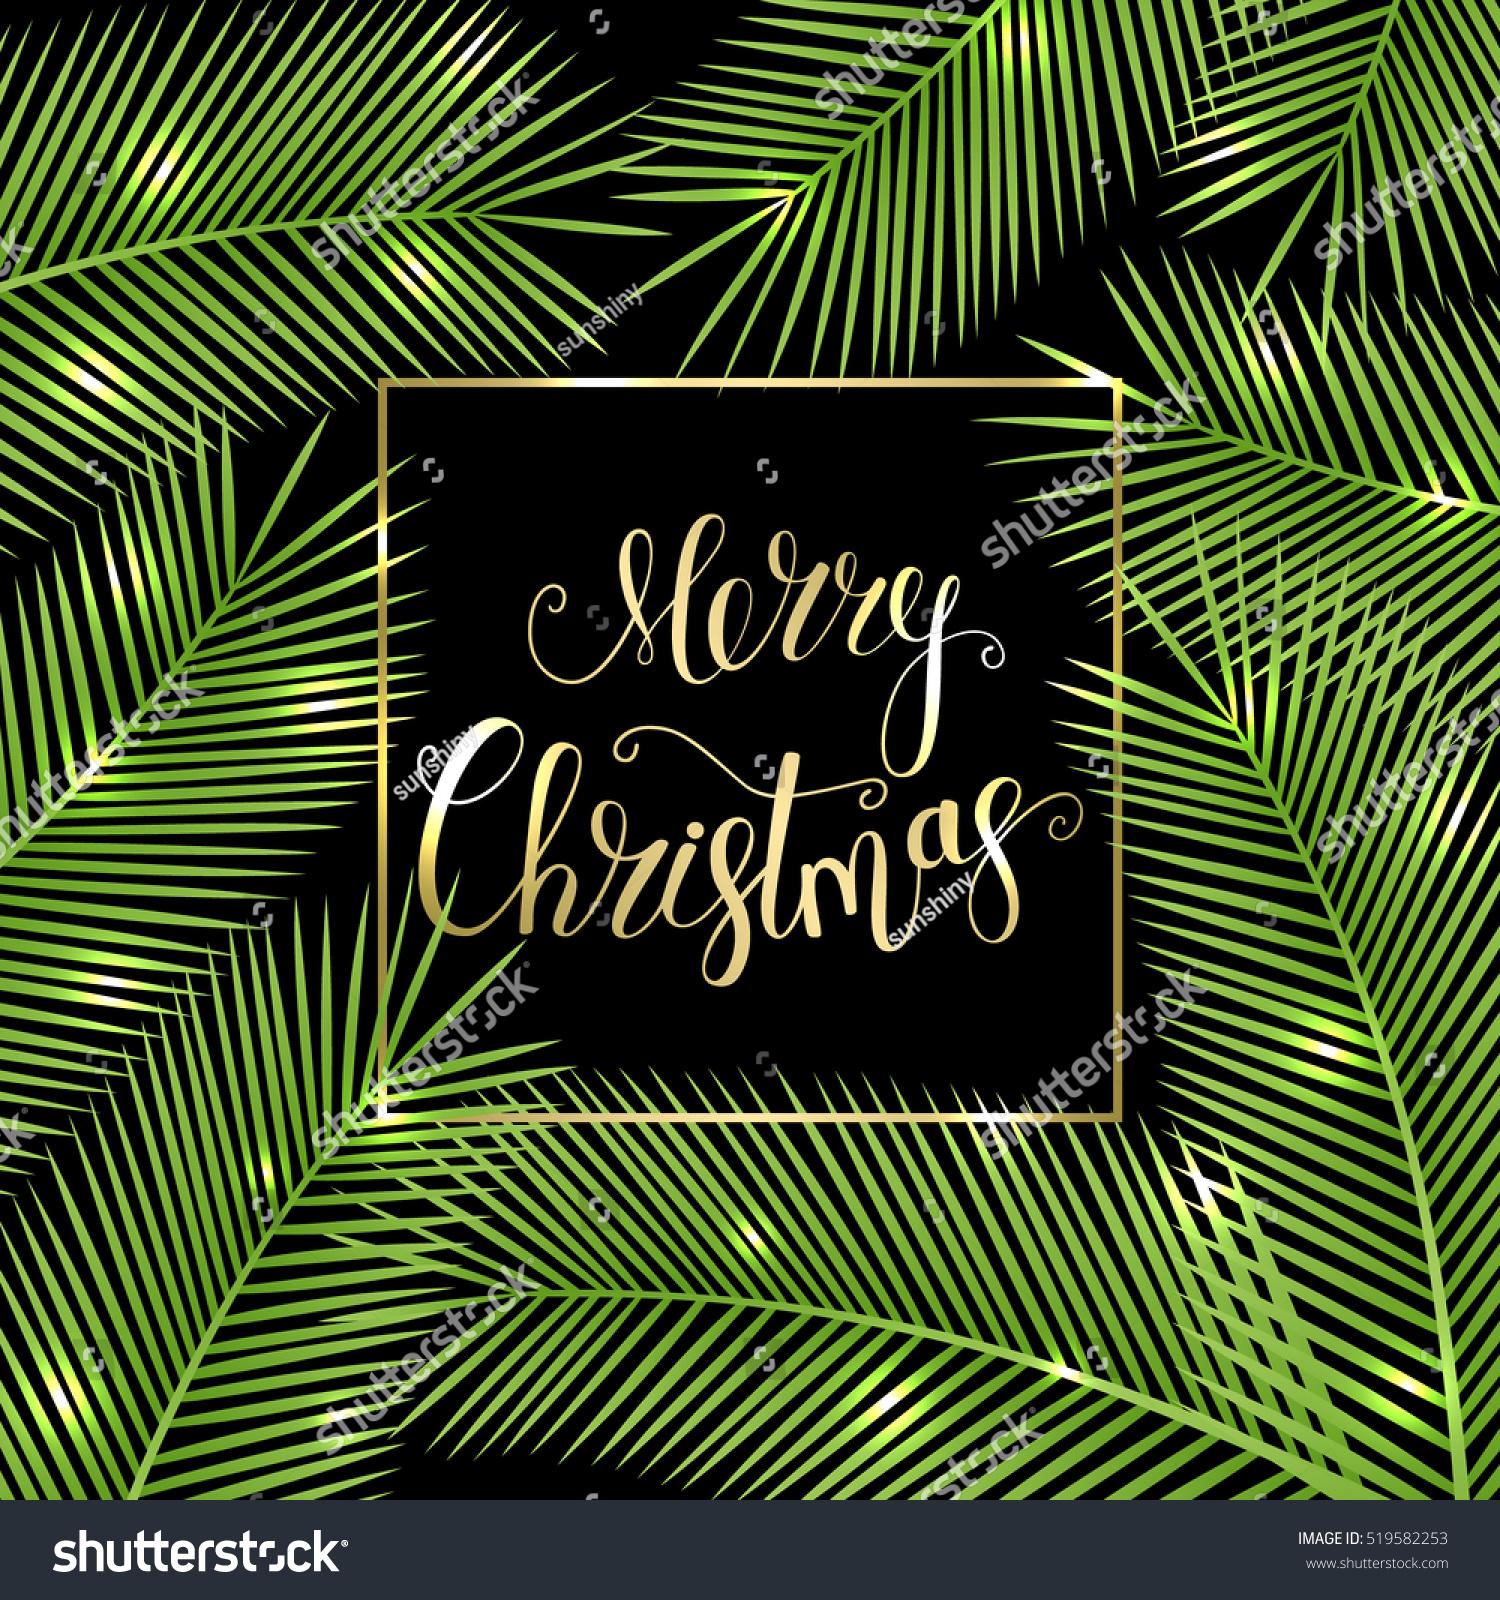 Congratulation Merry Christmas Tropical Christmas Card Stock Vector